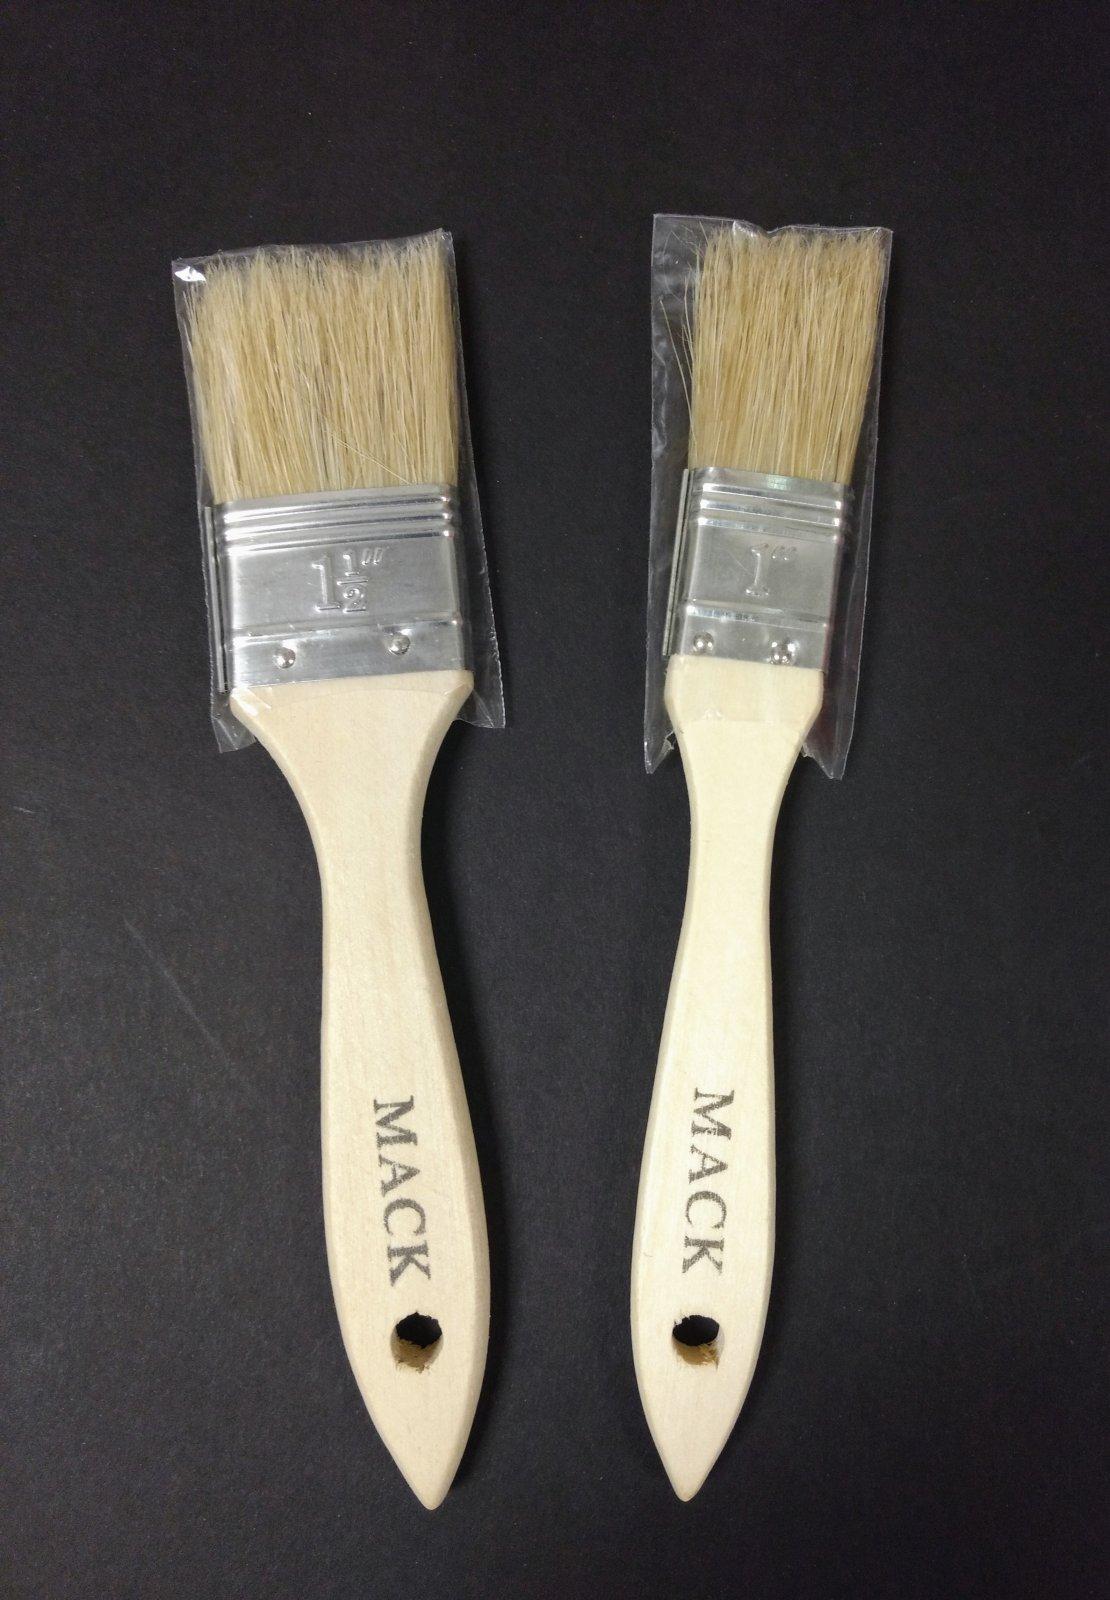 Mack Chip Brush